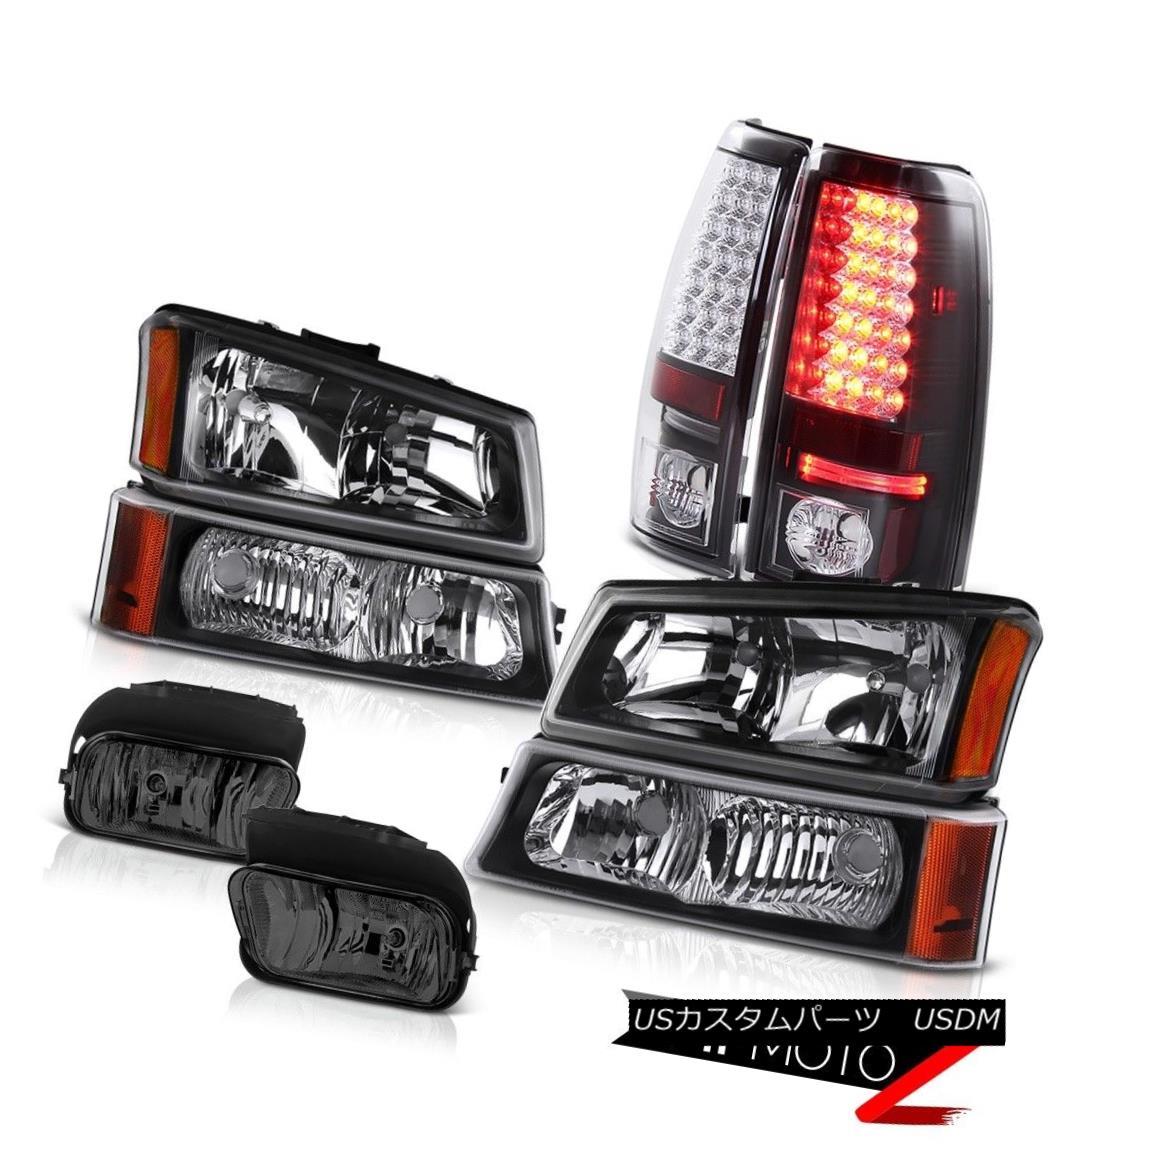 ヘッドライト Silverado DuraMax 6.6L Crystal Black Headlights SMD Brake Tail Driving Foglamp Silverado DuraMax 6.6Lクリスタルブラックヘッドライトとブレーキテール駆動フォグランプ